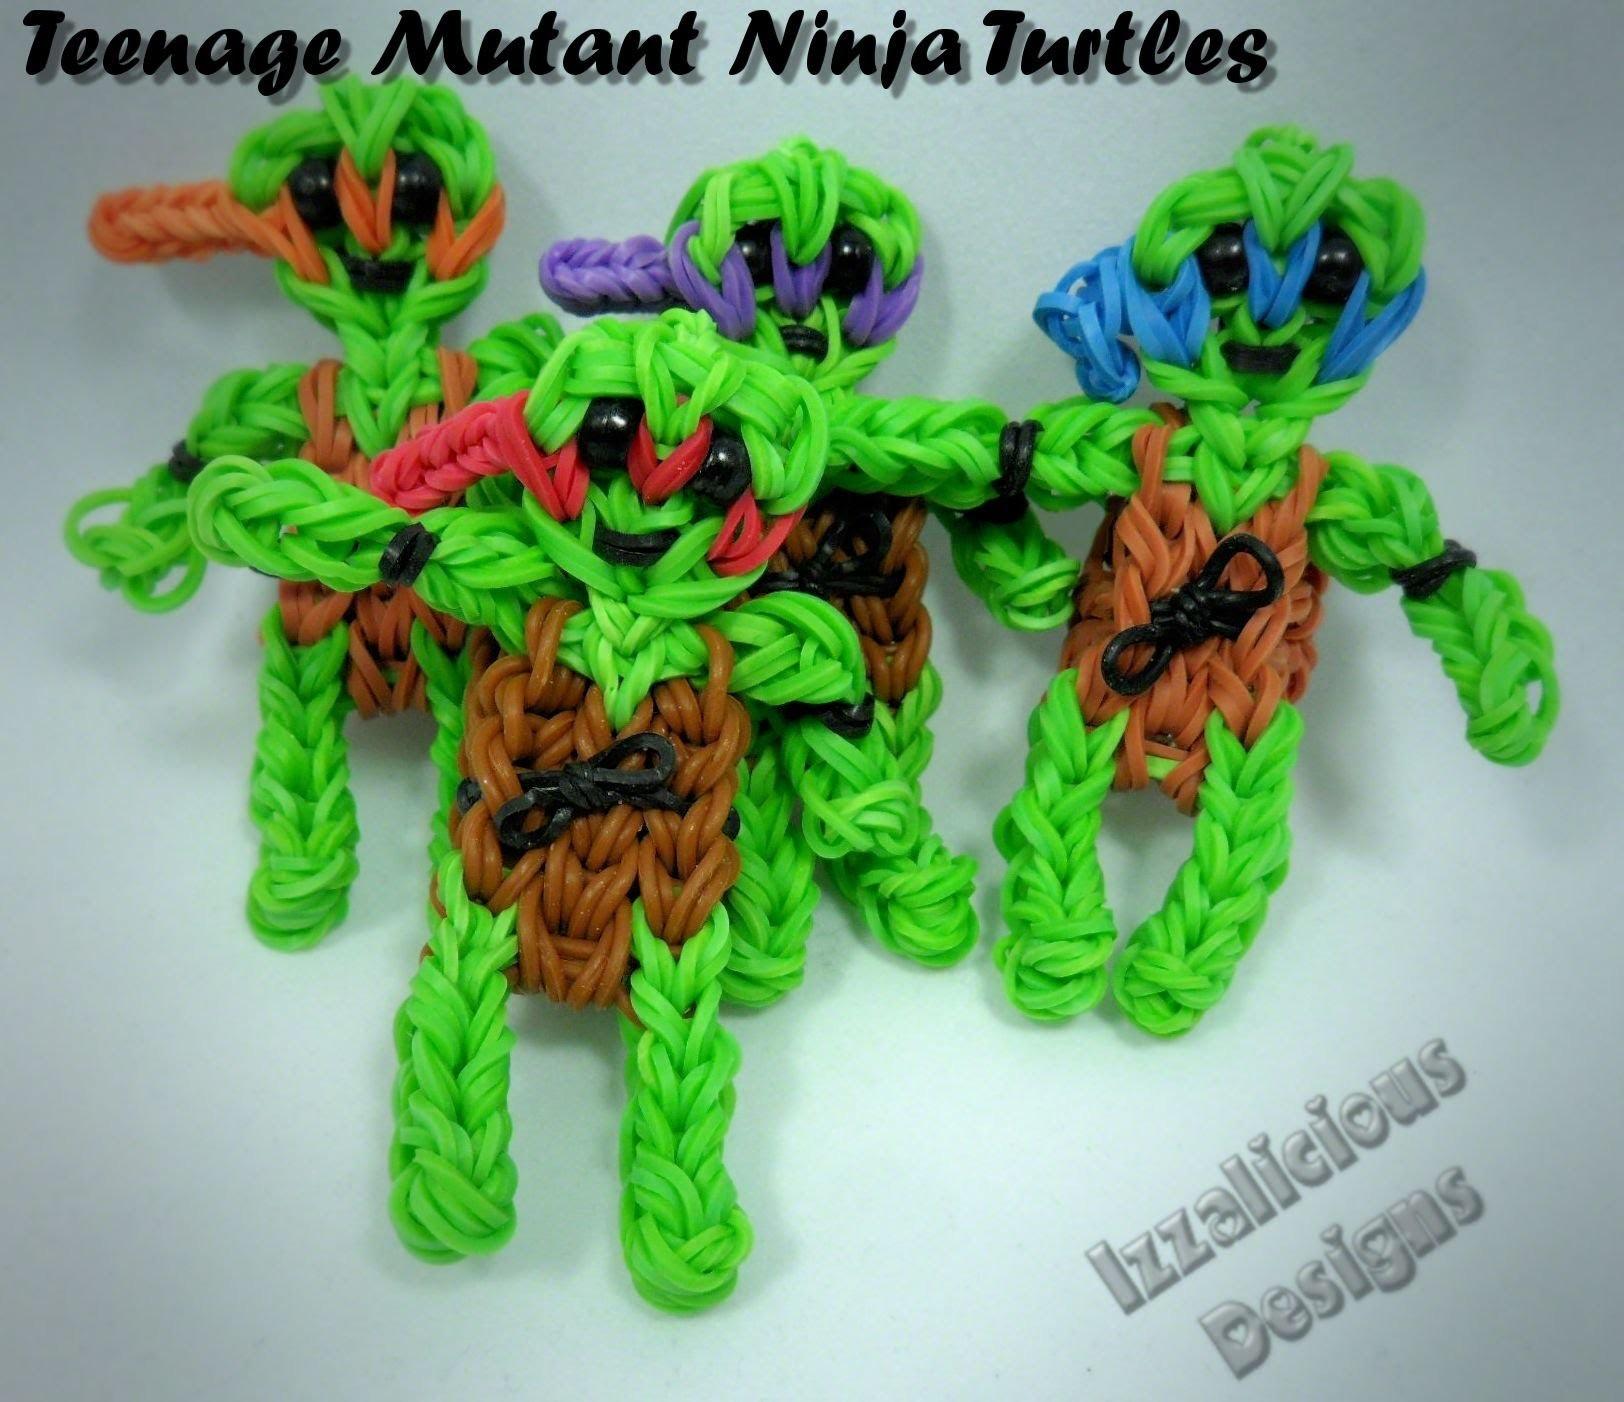 Rainbow Loom Teenage Mutant Ninja Turtles Action Figure.Charm Tutorial